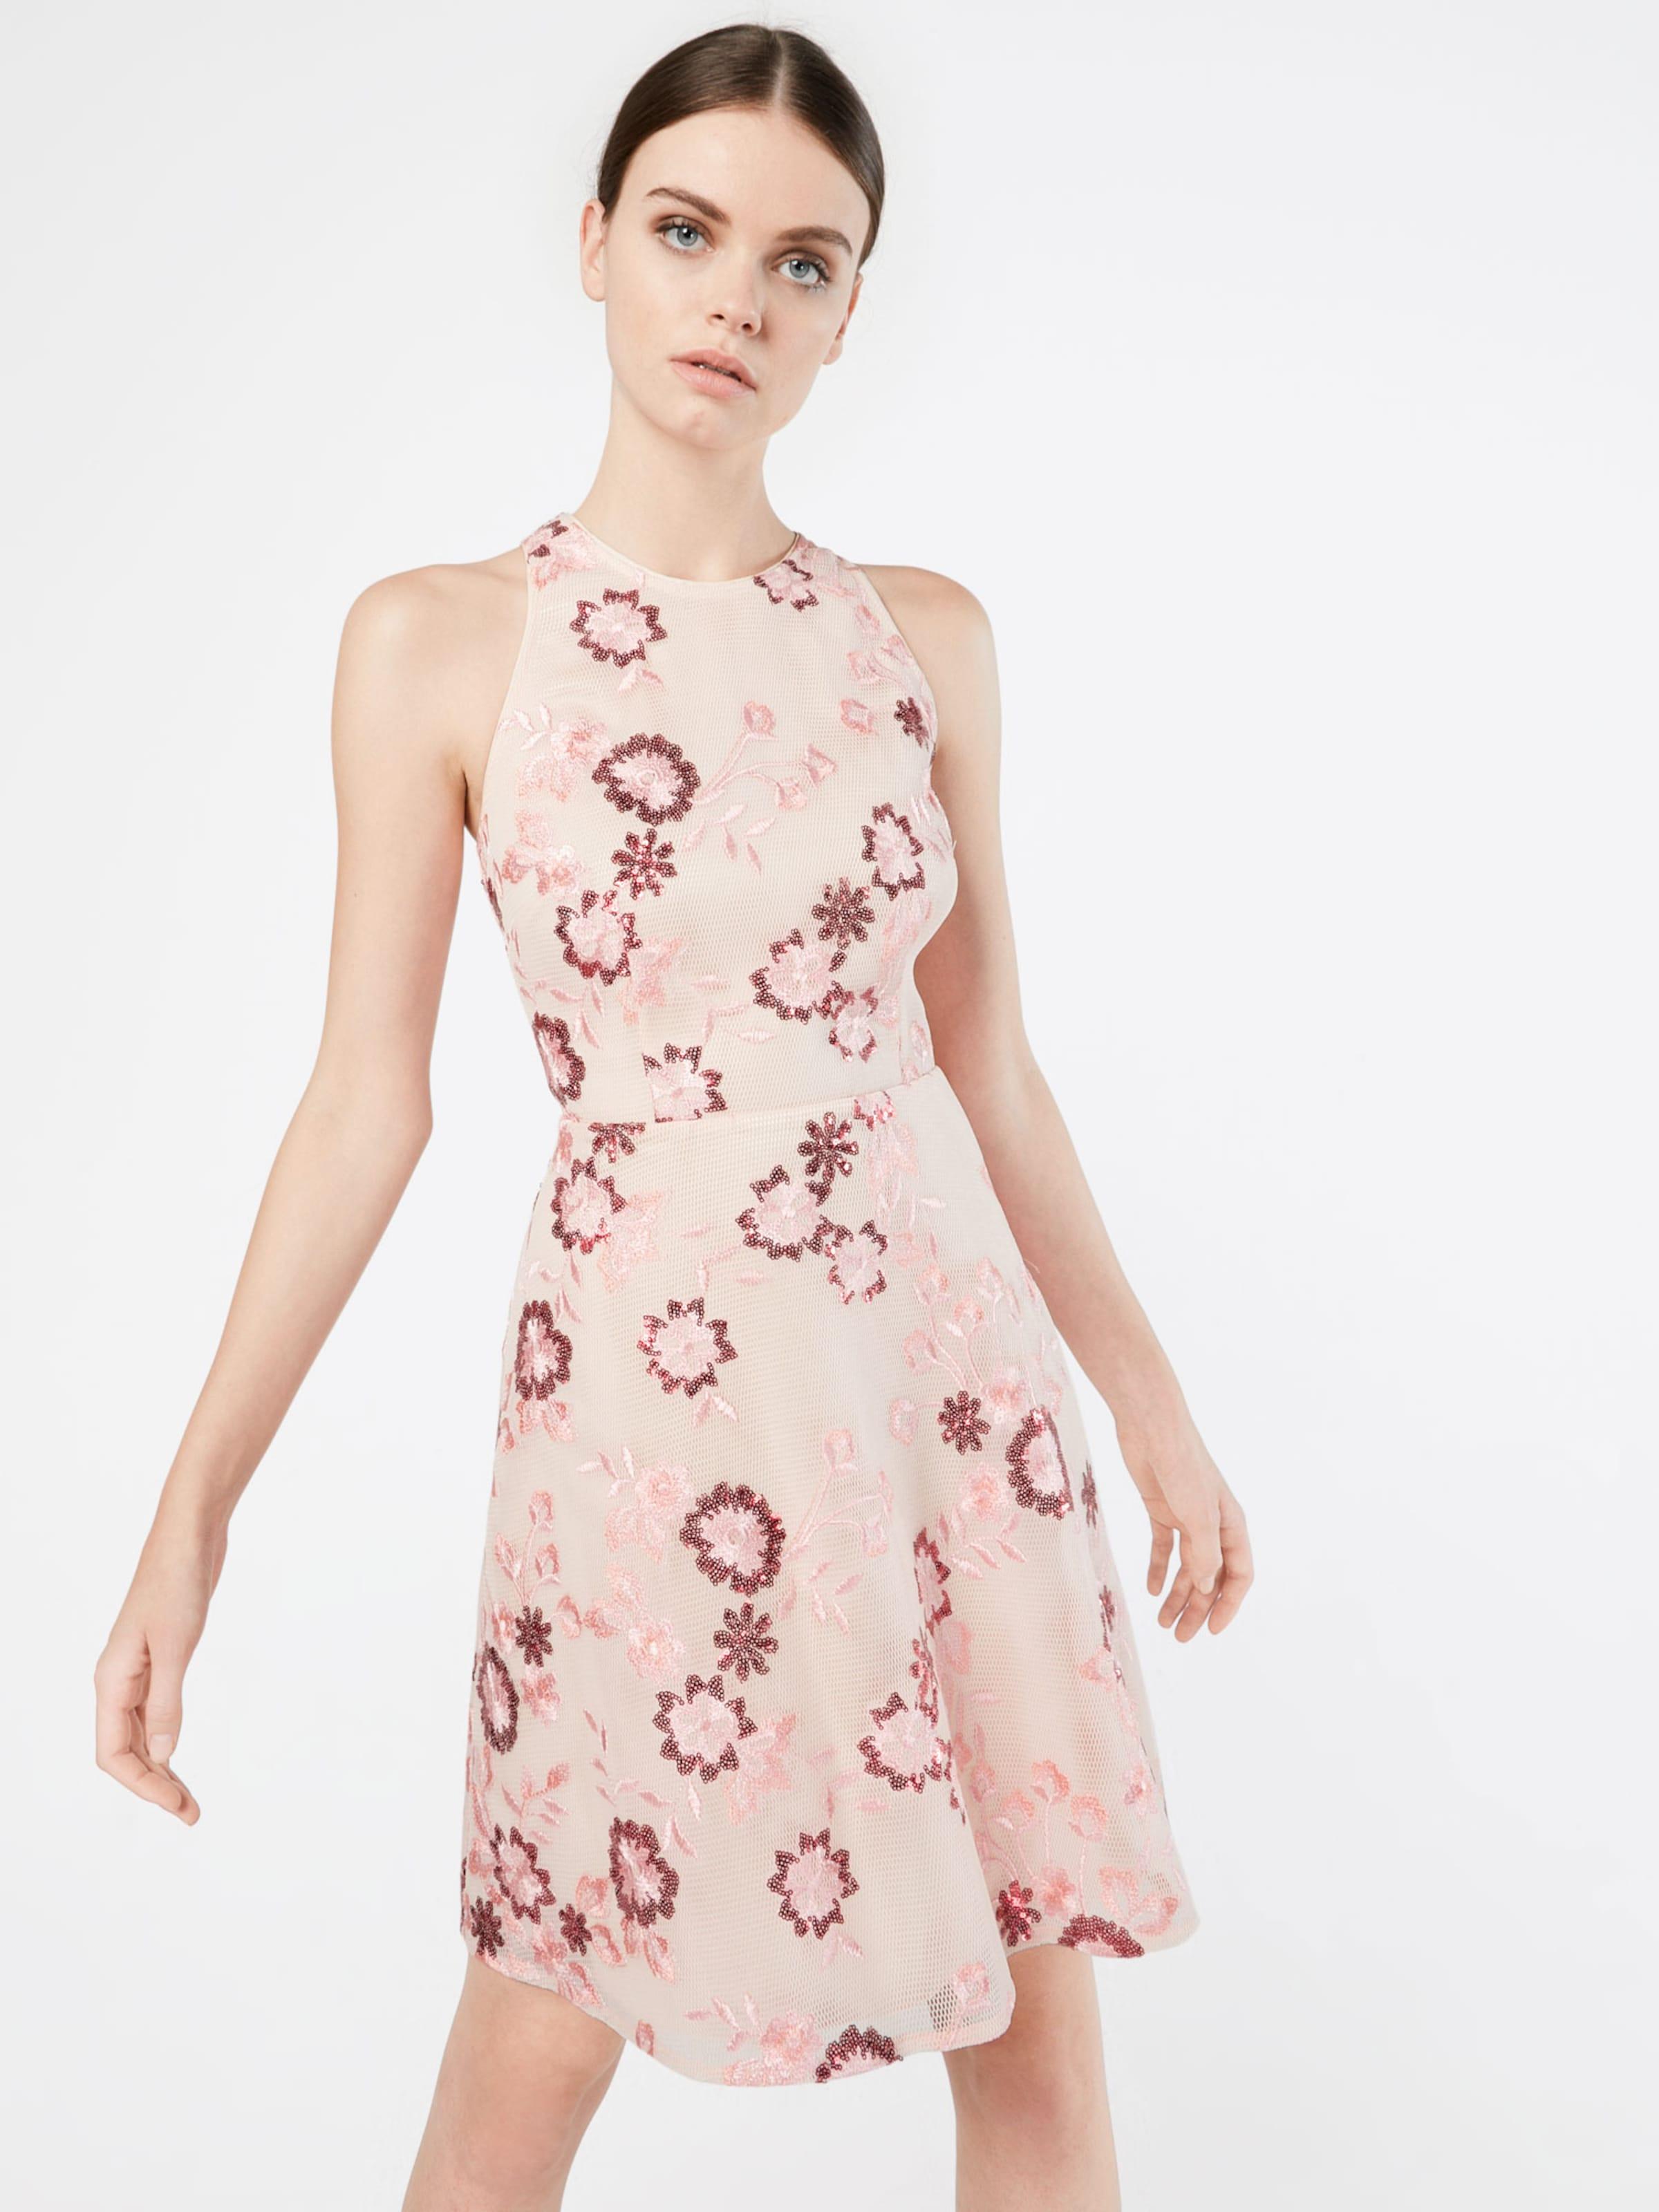 Ebay VM Vera Mont Kleid in Midilänge Freies Verschiffen Große Auswahl An Zum Verkauf Online-Verkauf Original-Verkauf Online Manchester RG8ZUMO